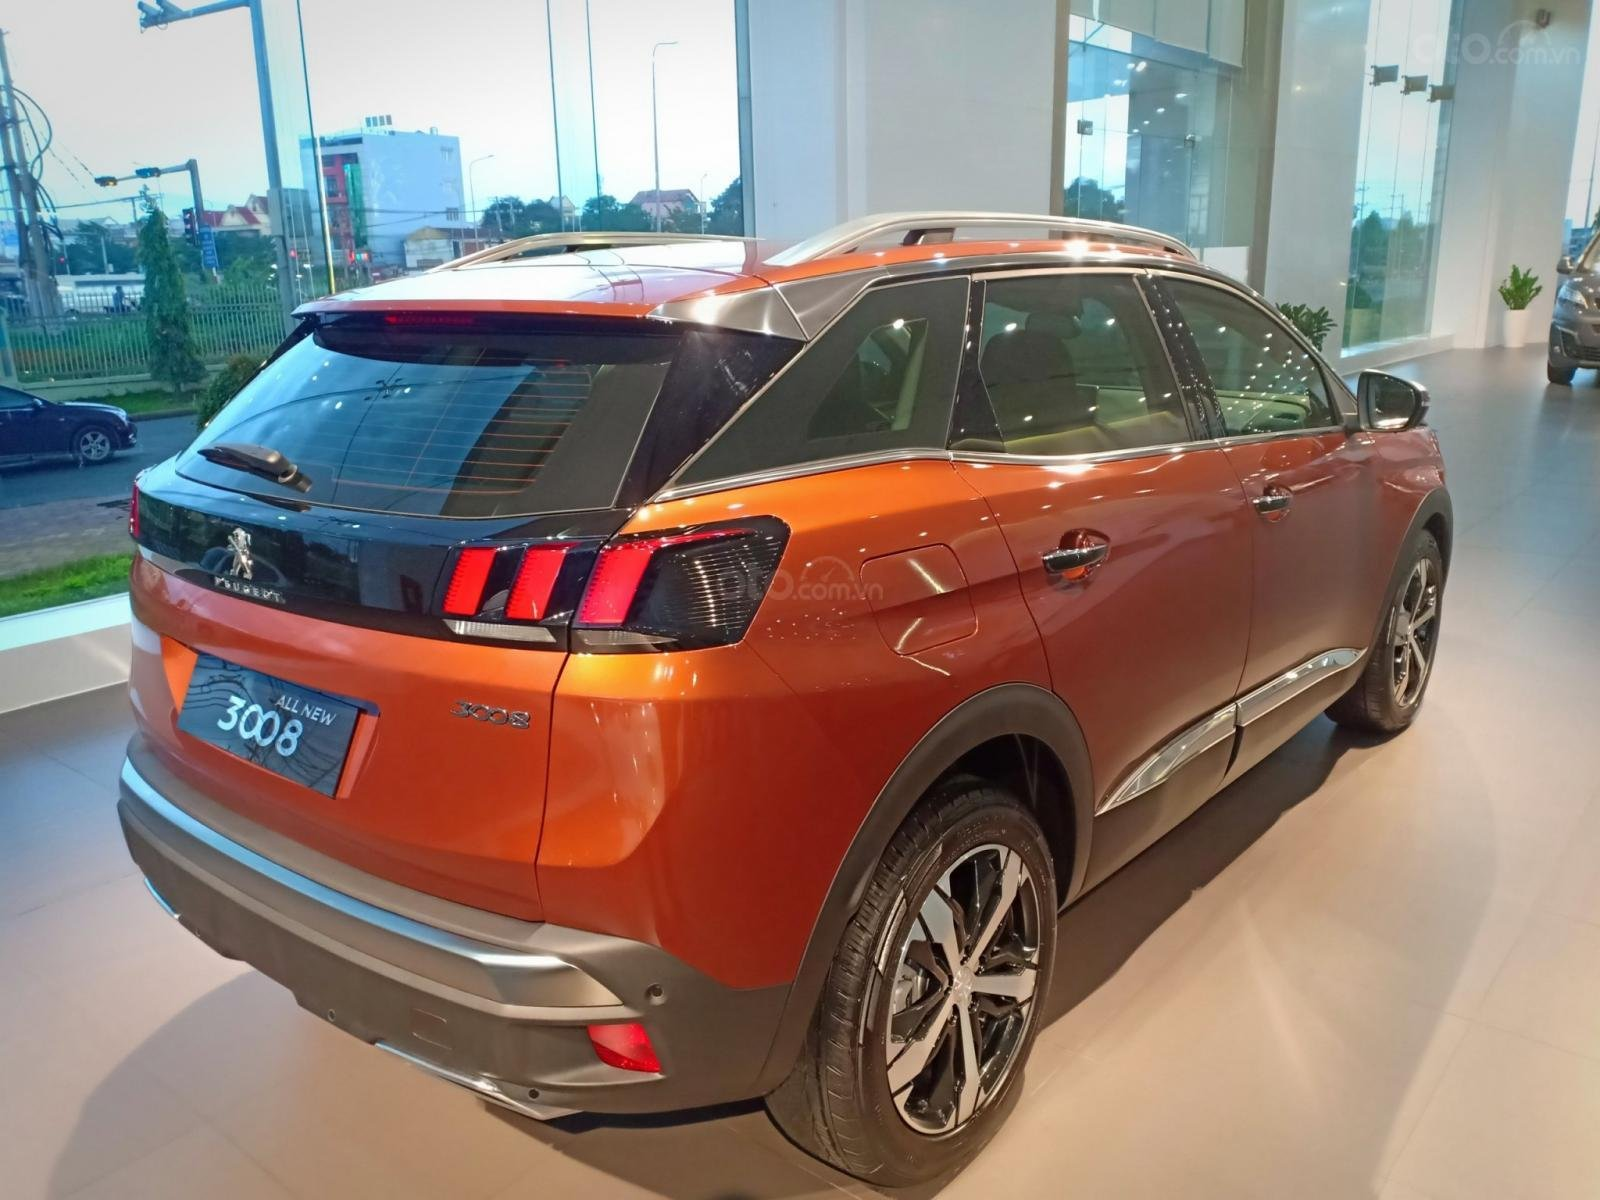 Peugeot Biên Hòa bán xe Peugeot 3008 All New 2019 đủ màu, giao nhanh - giá tốt nhất - 0938 630 866 - 0933 805 806 (3)